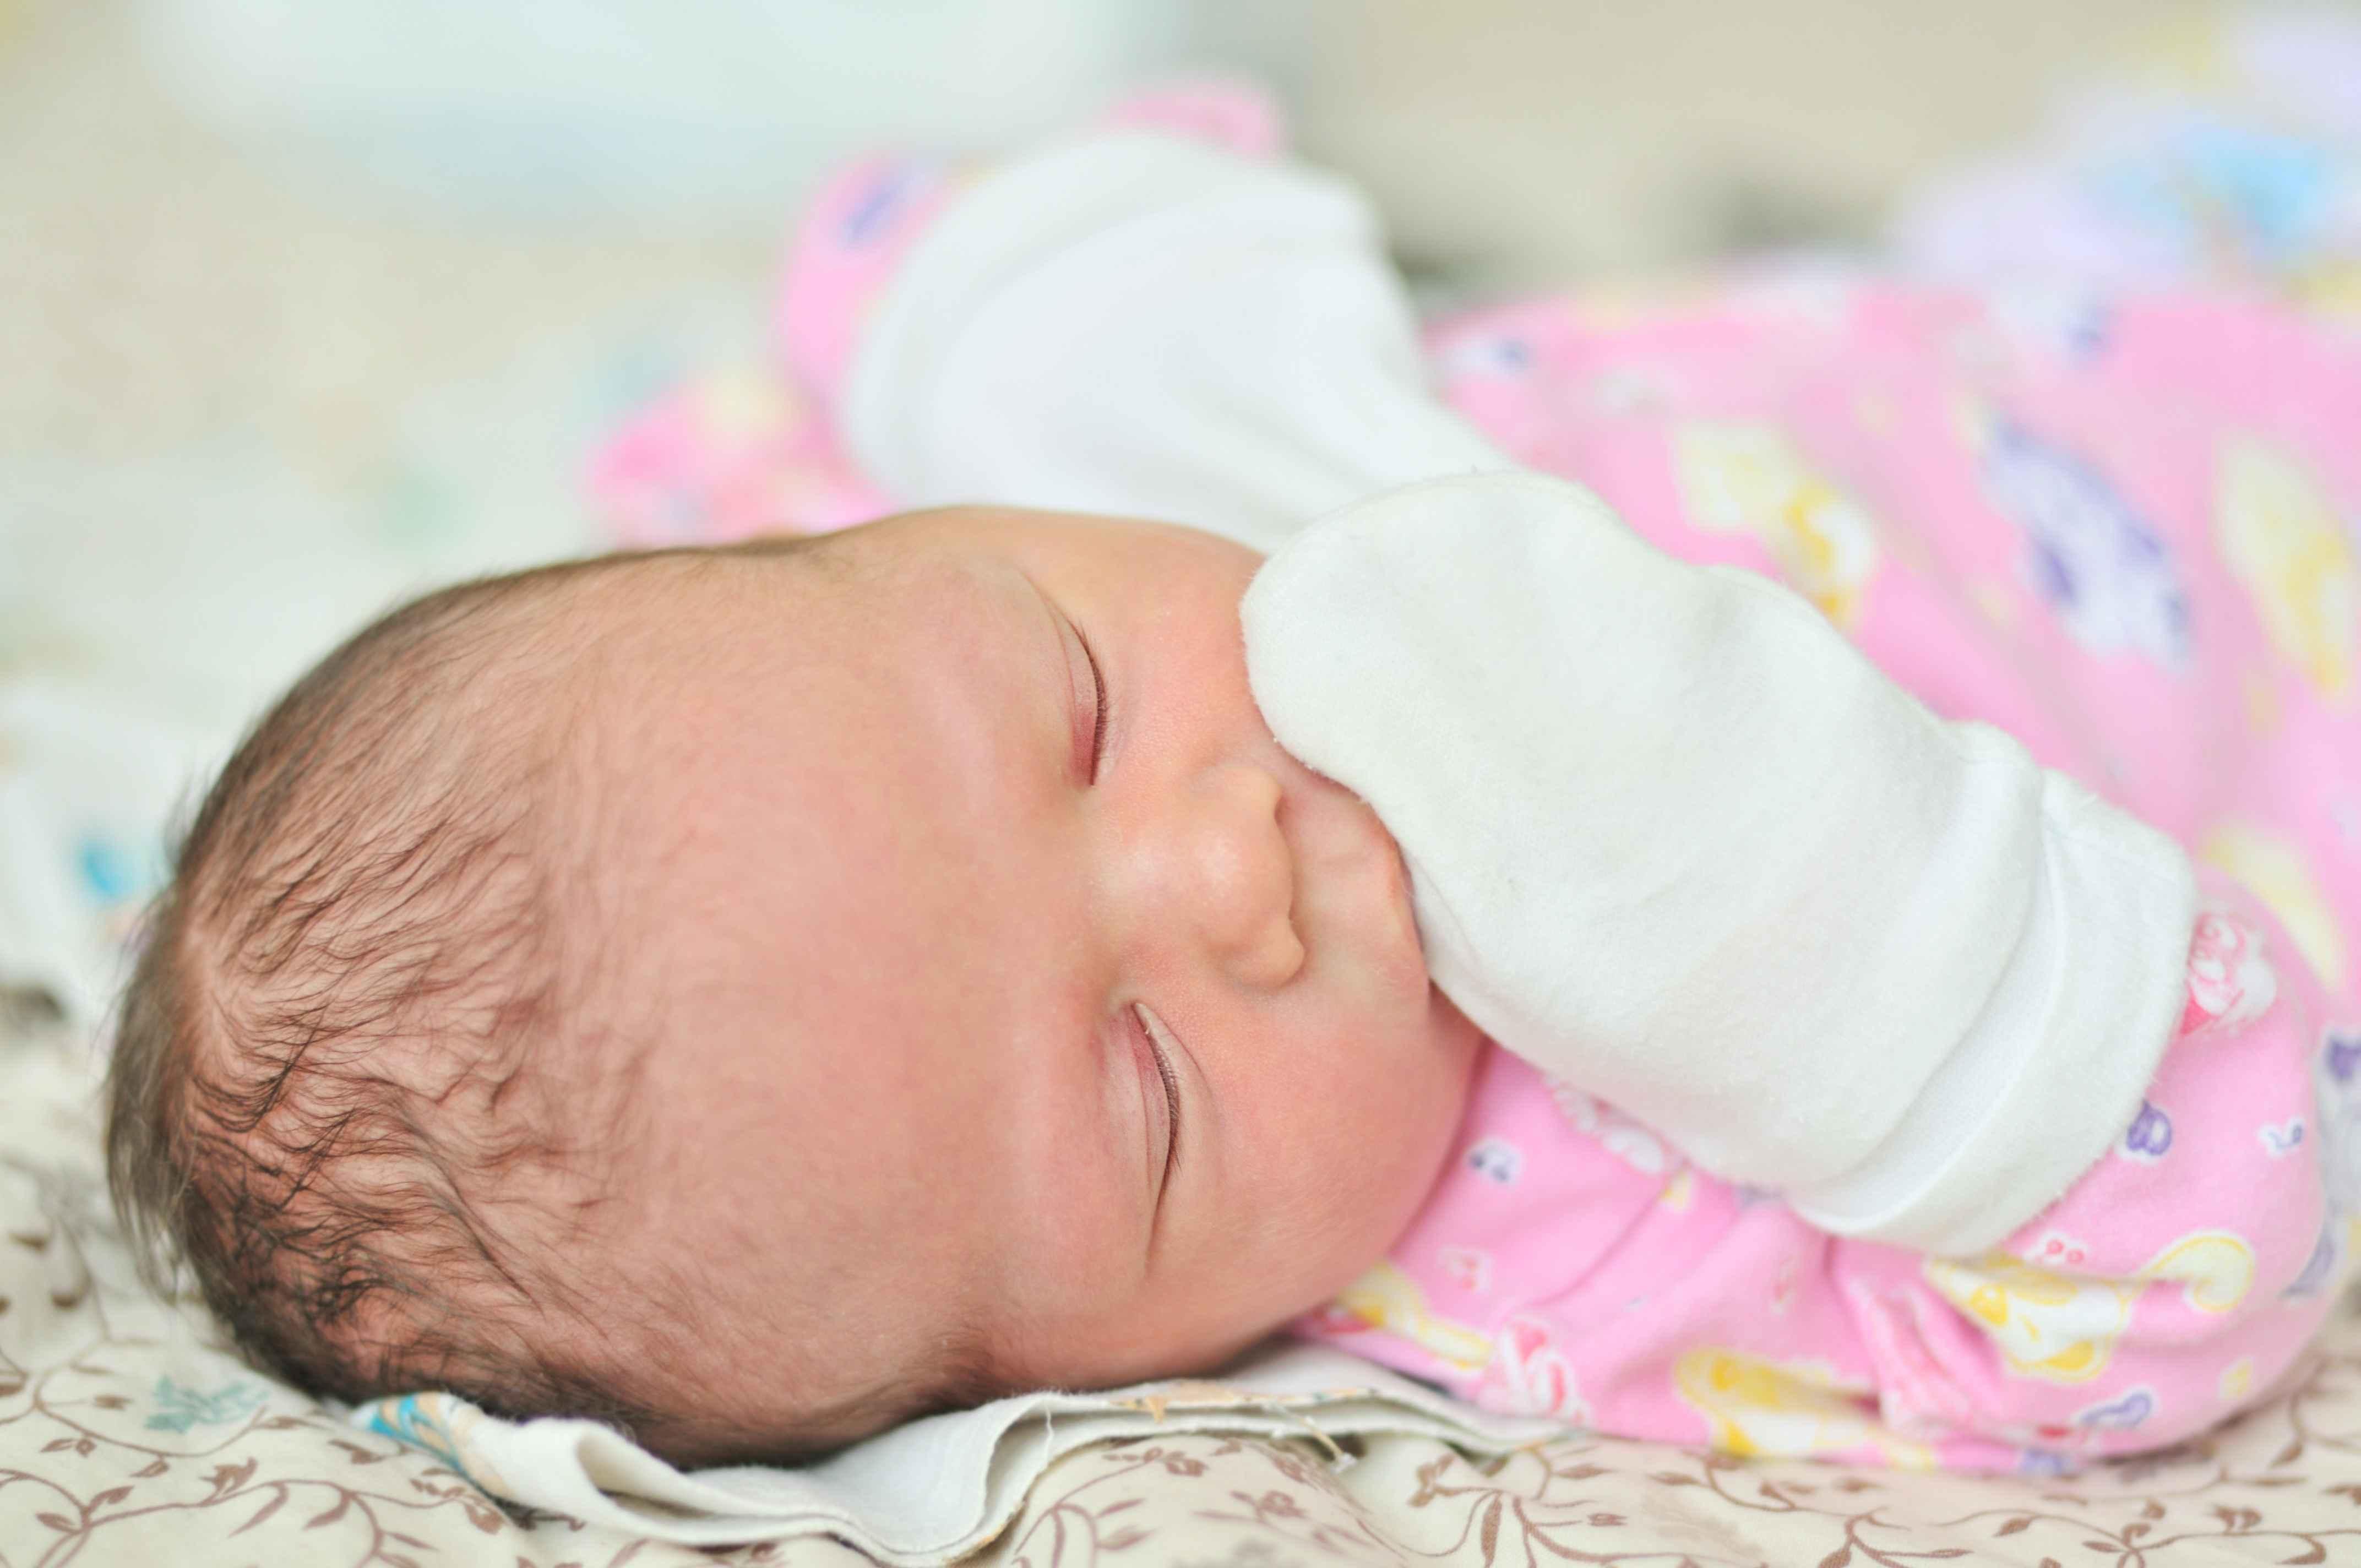 宝宝容易睡偏头,头型变歪?别急,这2个方法帮孩子轻松矫正!